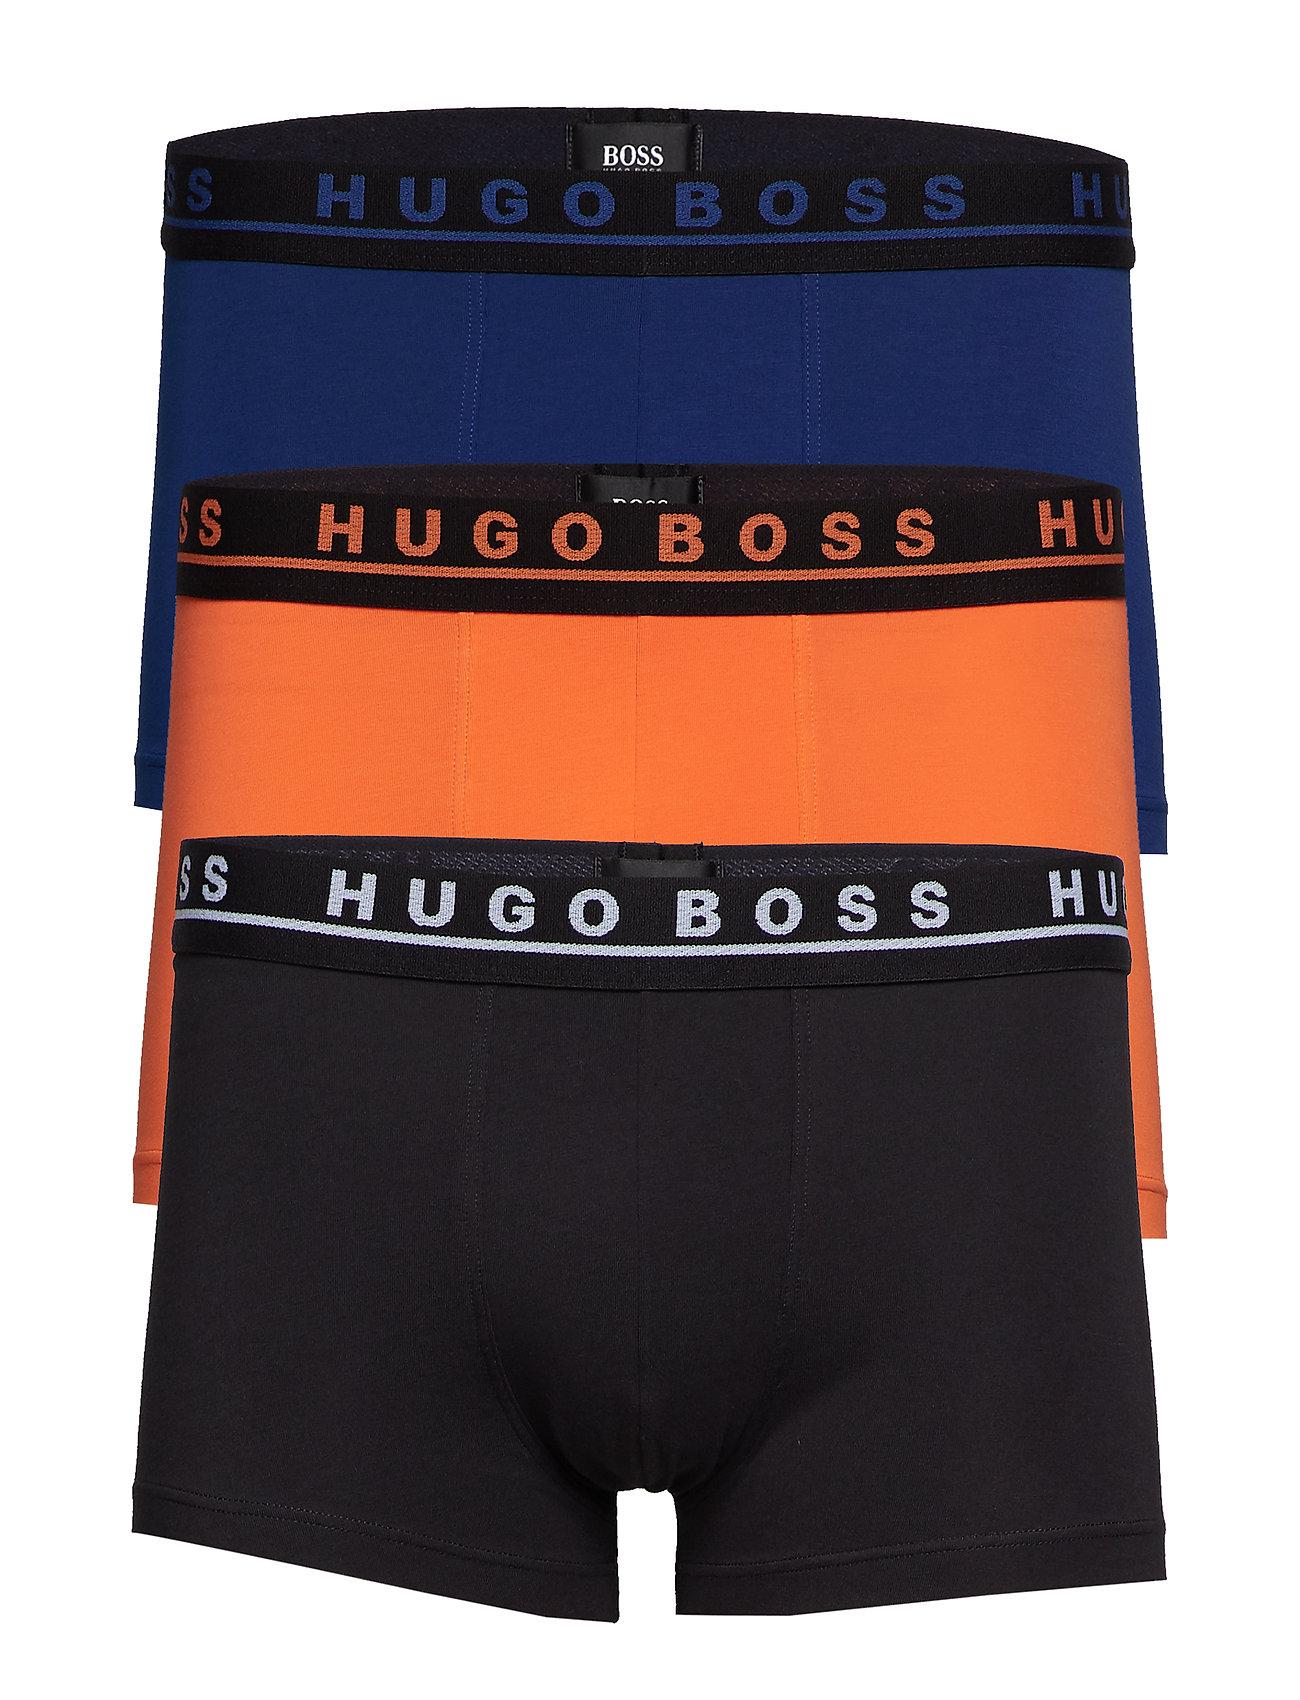 BOSS Business Wear Trunk 3P CO/EL